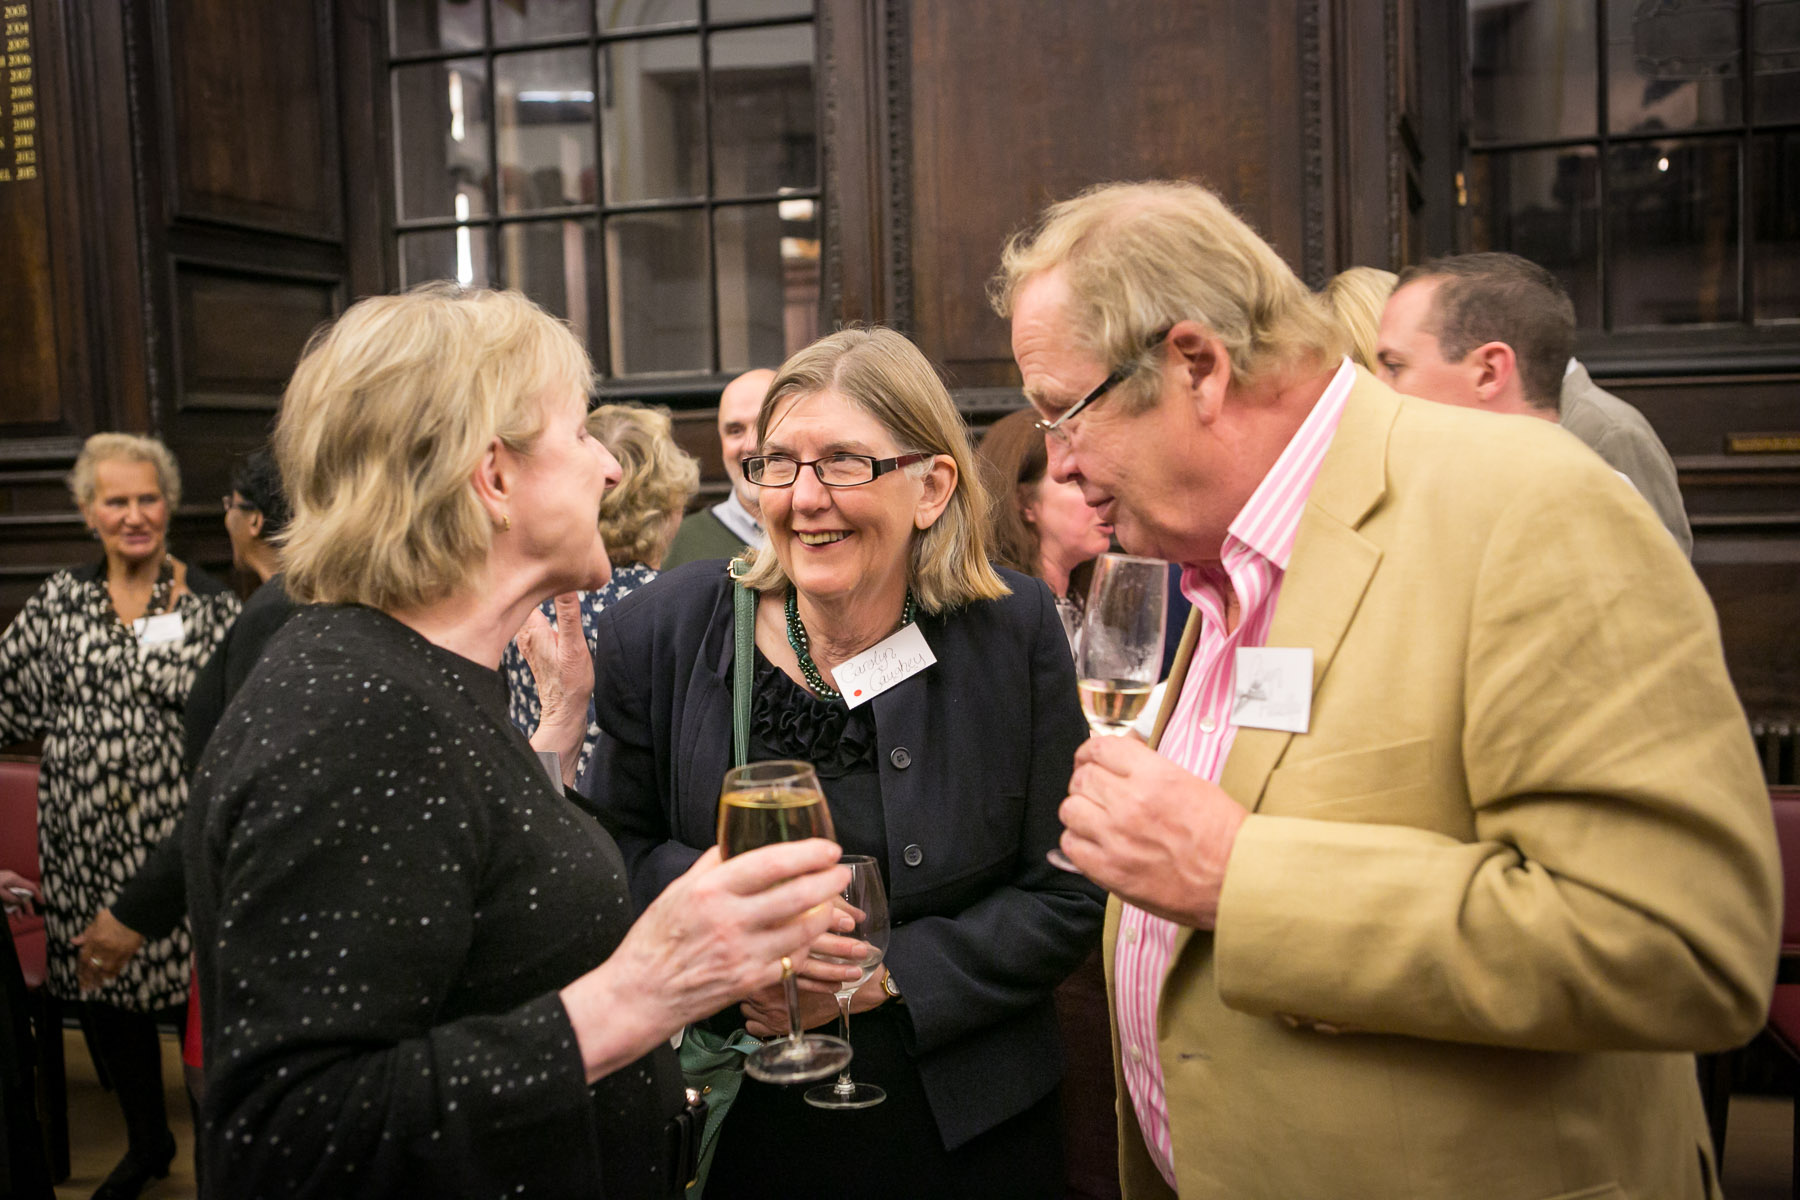 Carol Smith, Carolyn Caughey, Gwyn Headley